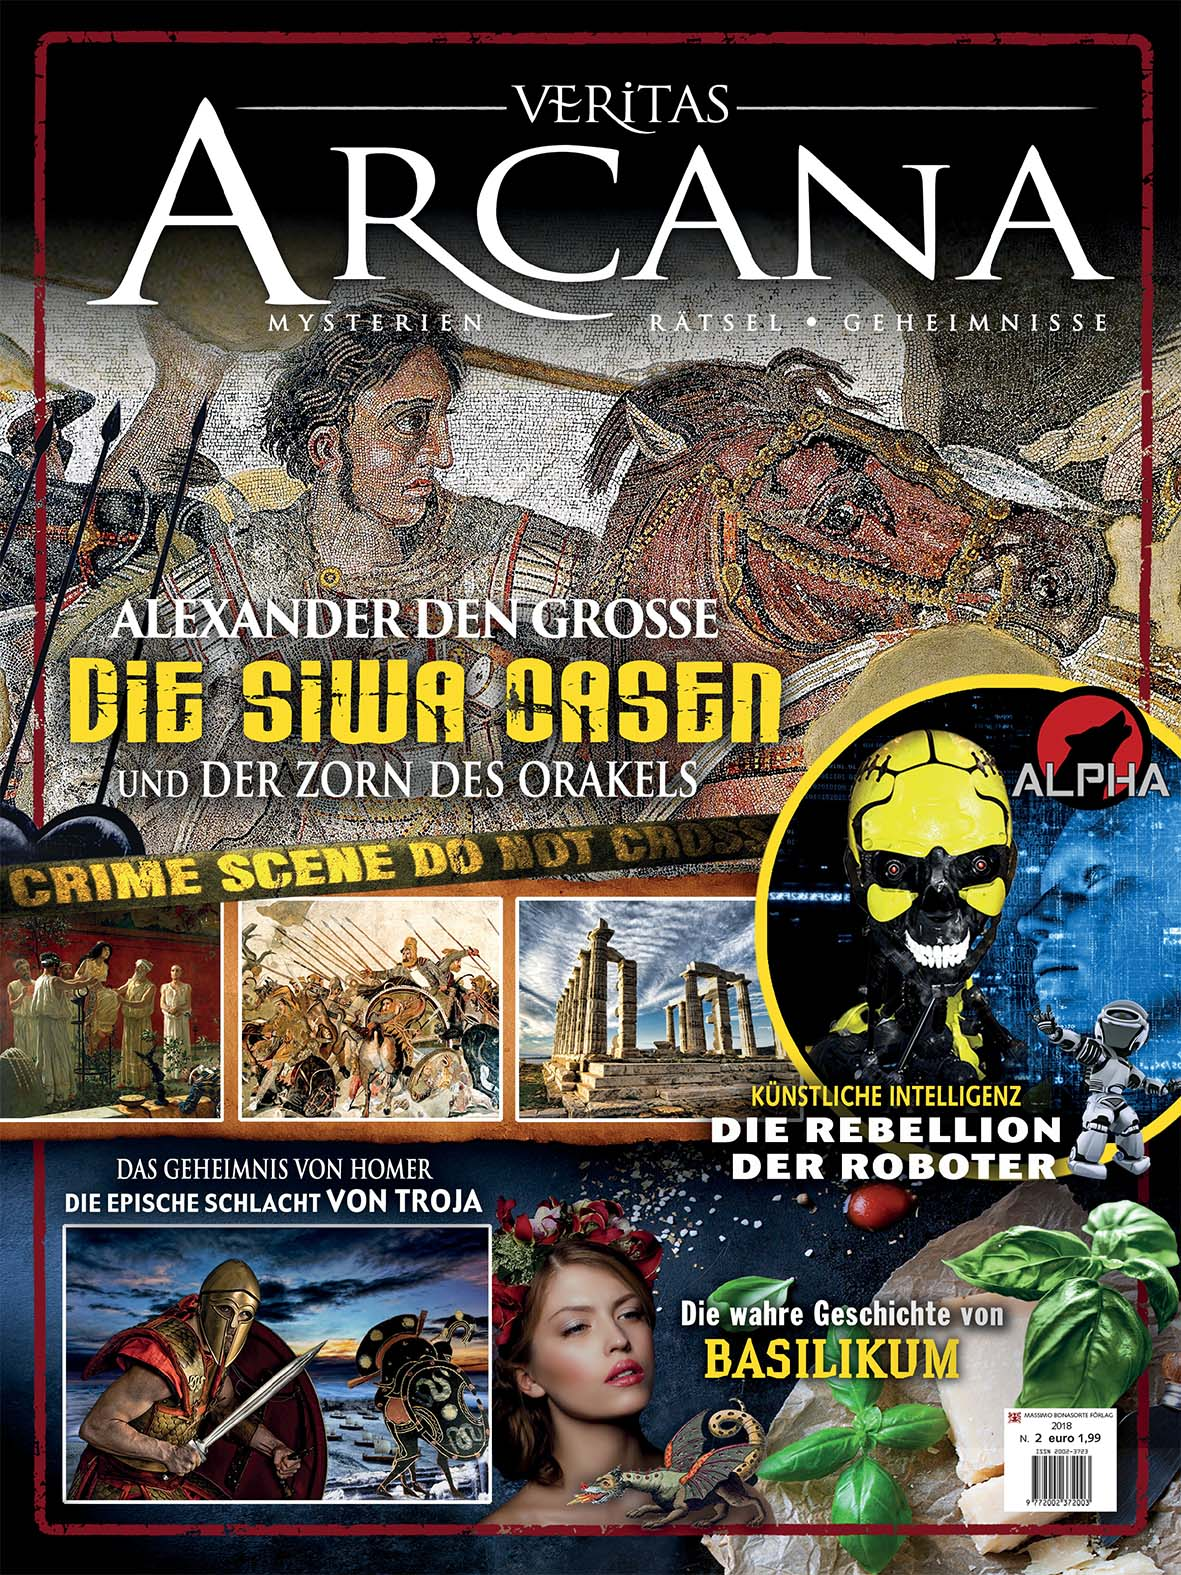 01-copertina arcana veritas 1_2018